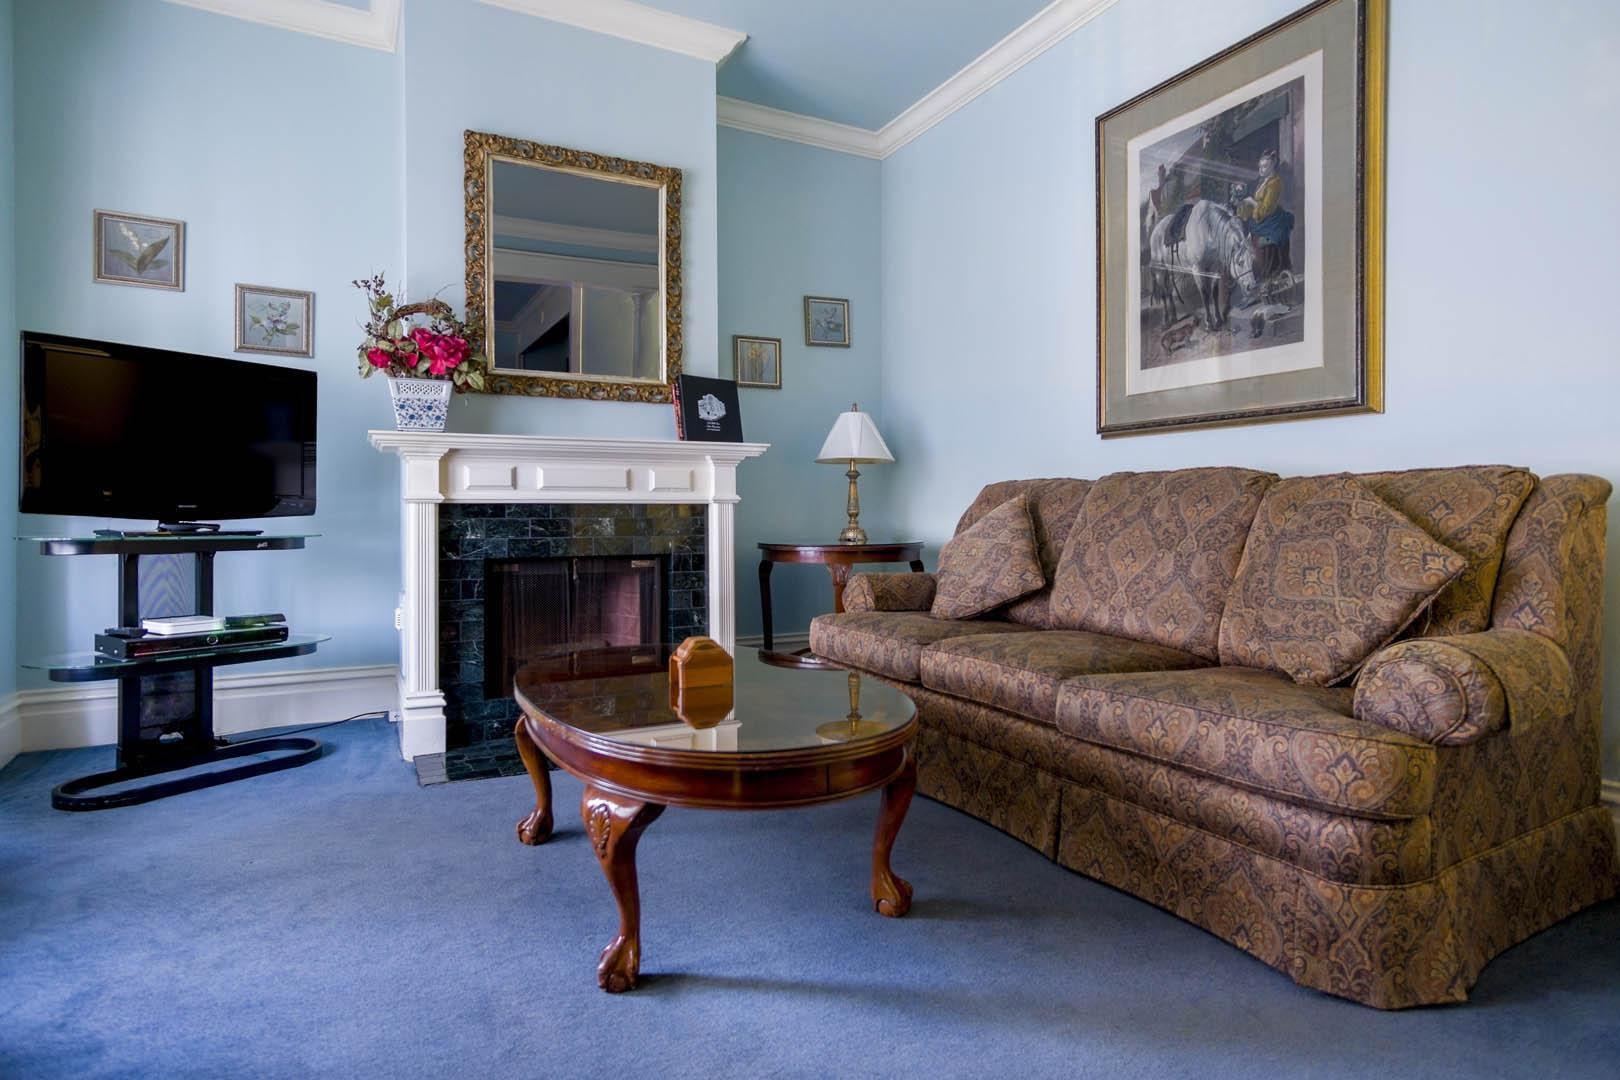 Nob Hill Inn Resort Interior - Living Room